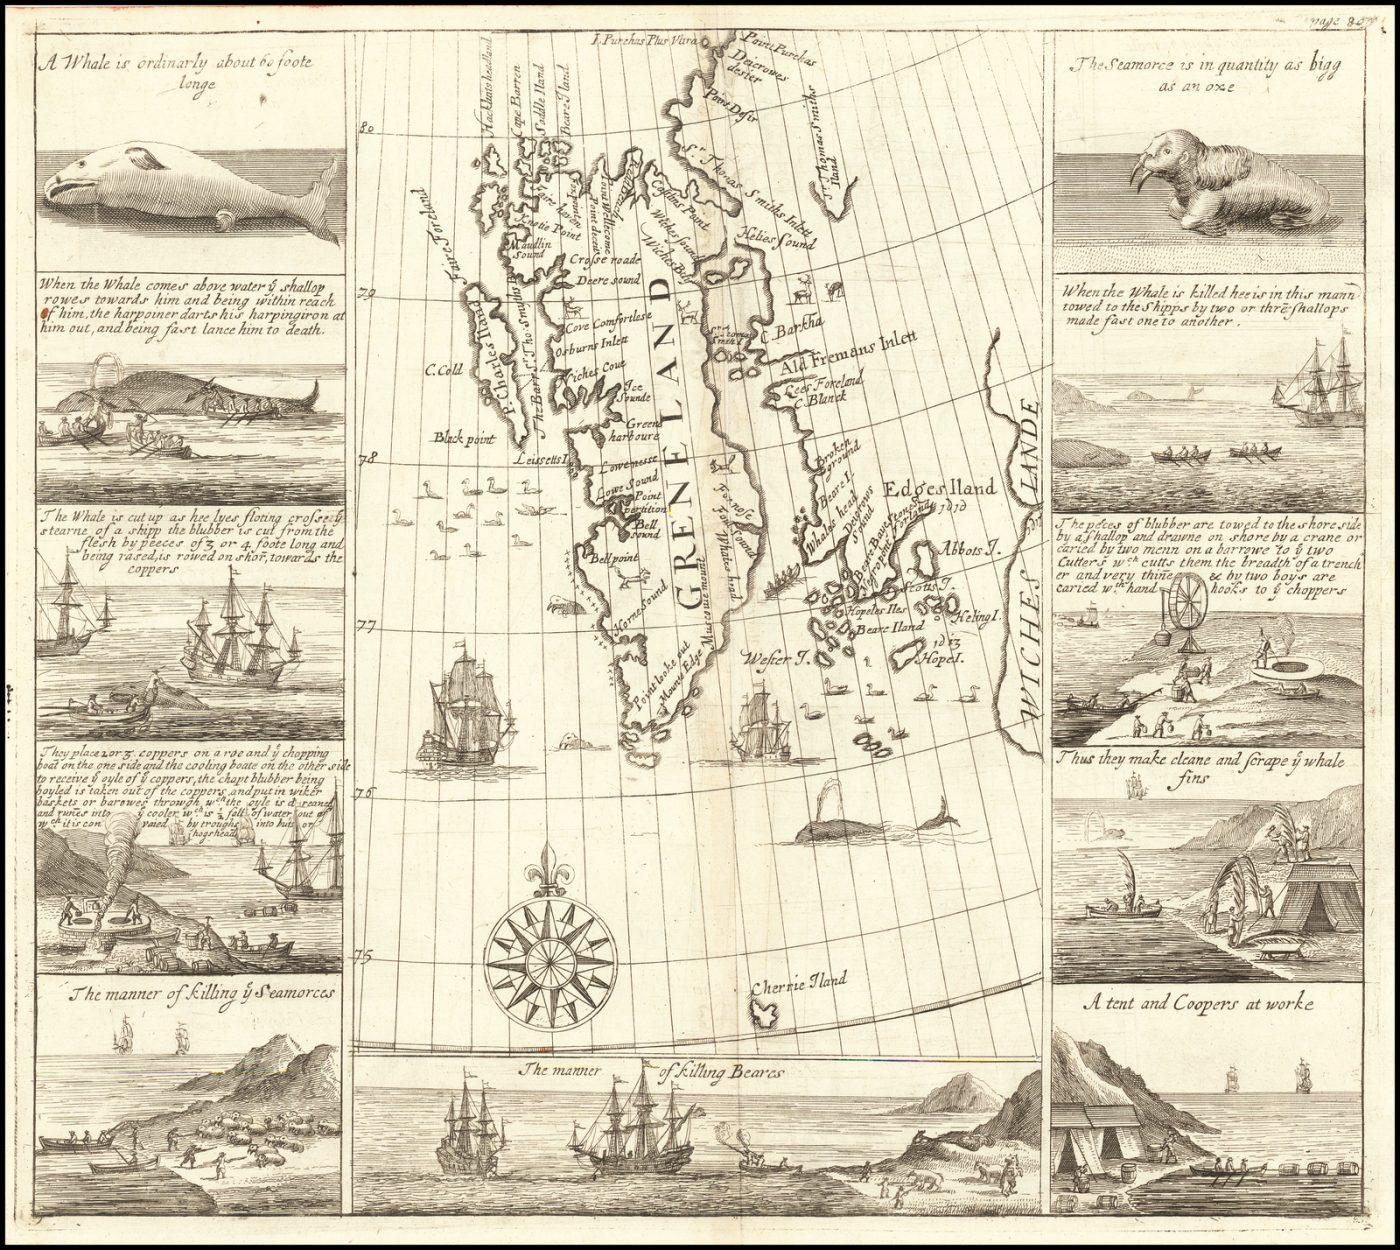 Карта ранних китобойных путешествий компании Московия